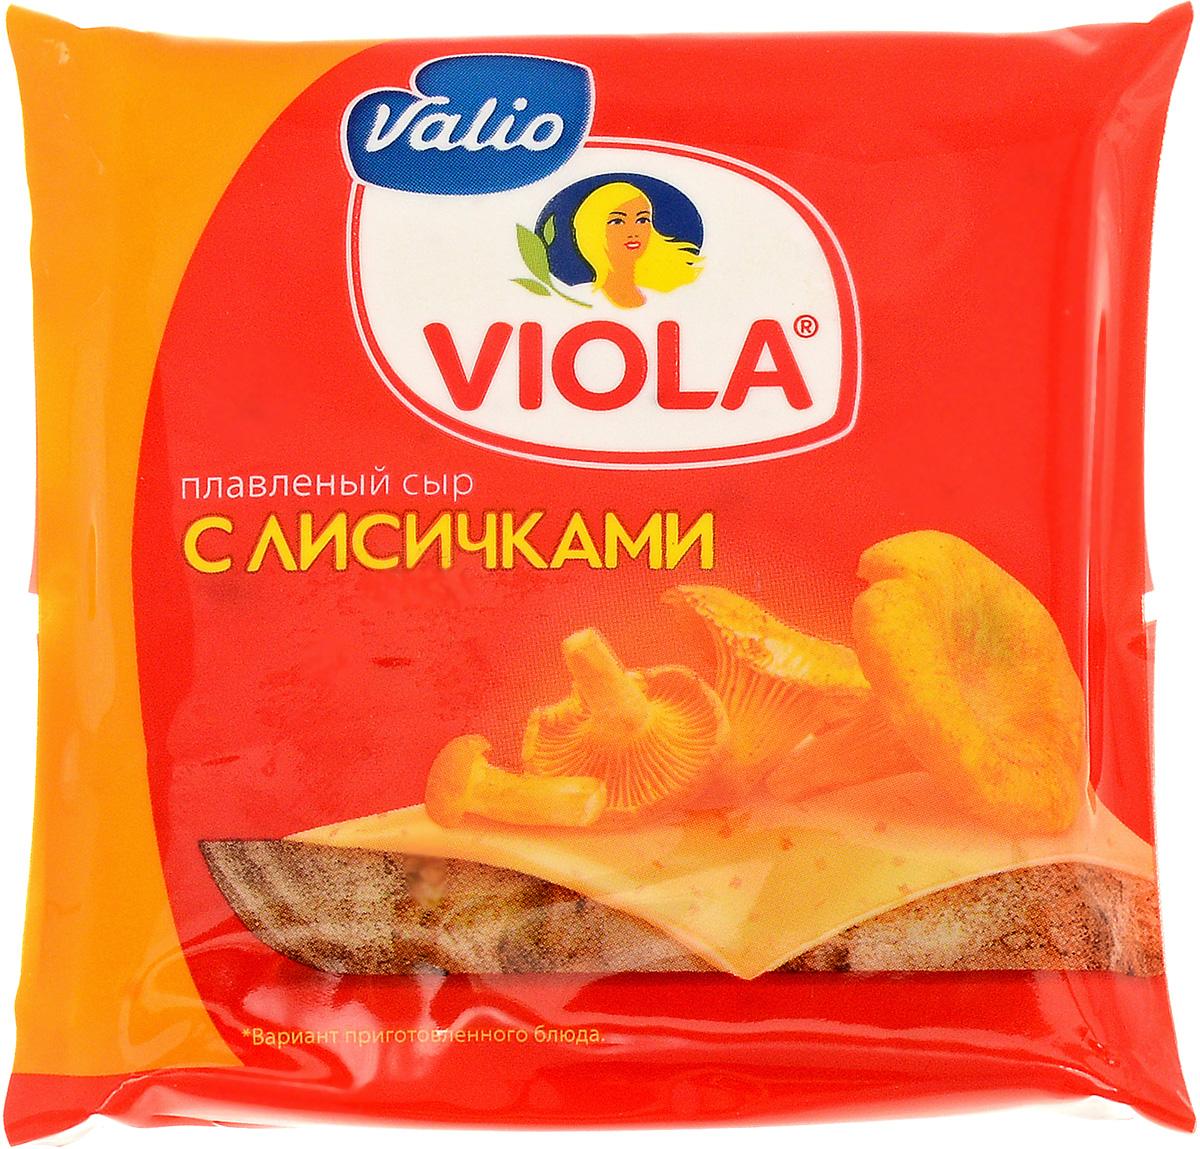 Valio Viola Сыр с лисичками, плавленый, в ломтиках, 140 г valio viola сыр с лисичками плавленый 400 г